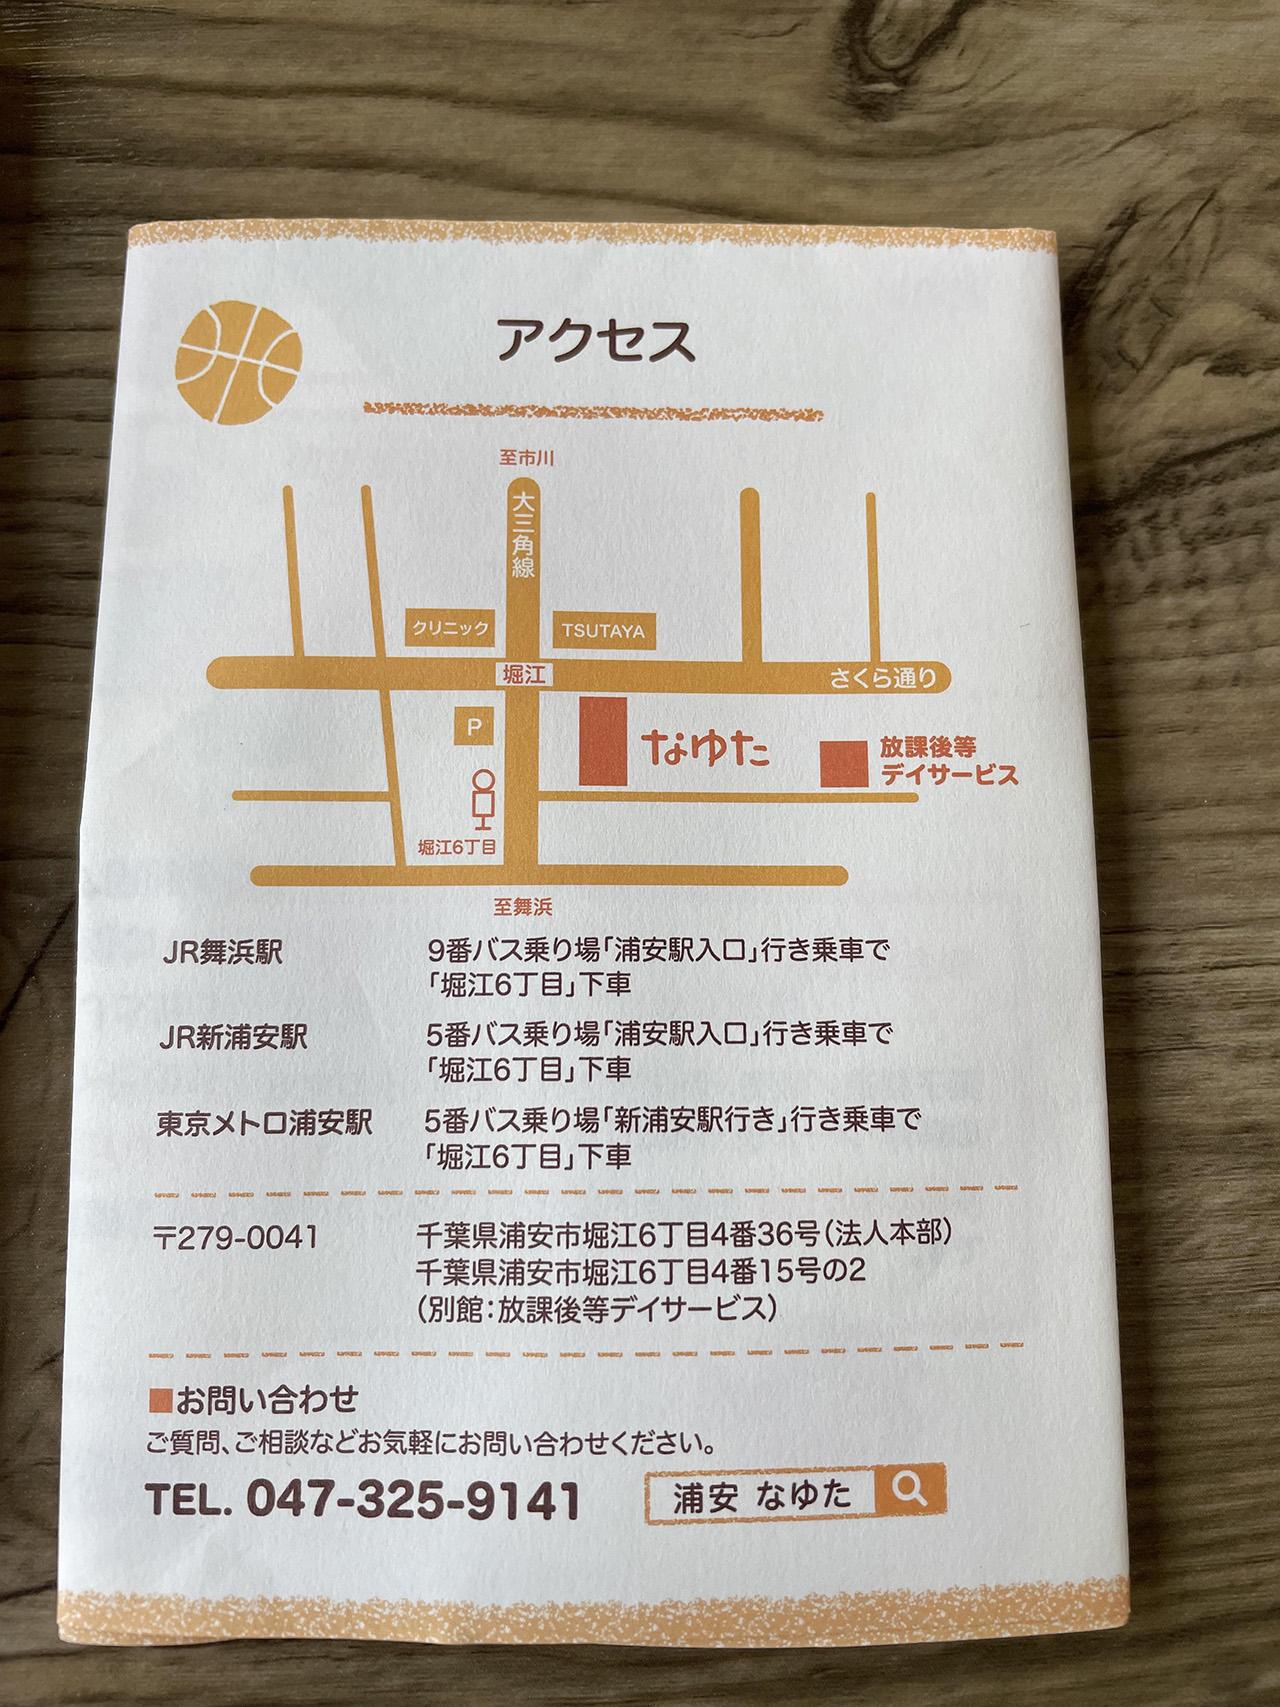 社会福祉法人なゆた なゆたカフェの投稿写真5